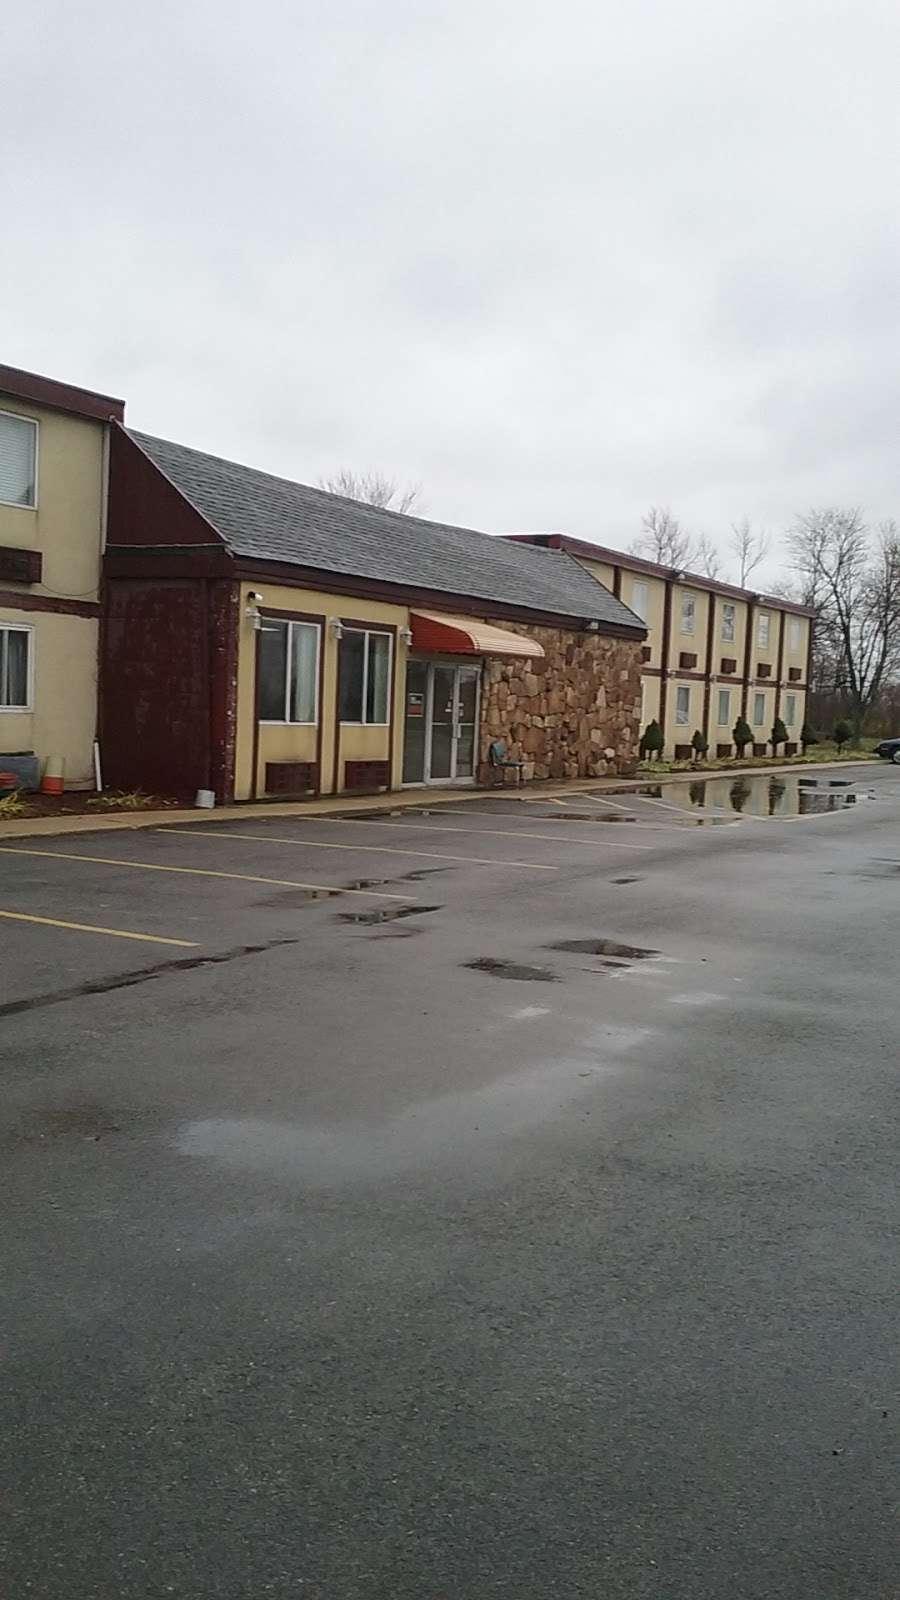 Sun Motel - lodging  | Photo 9 of 10 | Address: 140 S Hickory St, Braidwood, IL 60408, USA | Phone: (815) 458-2812